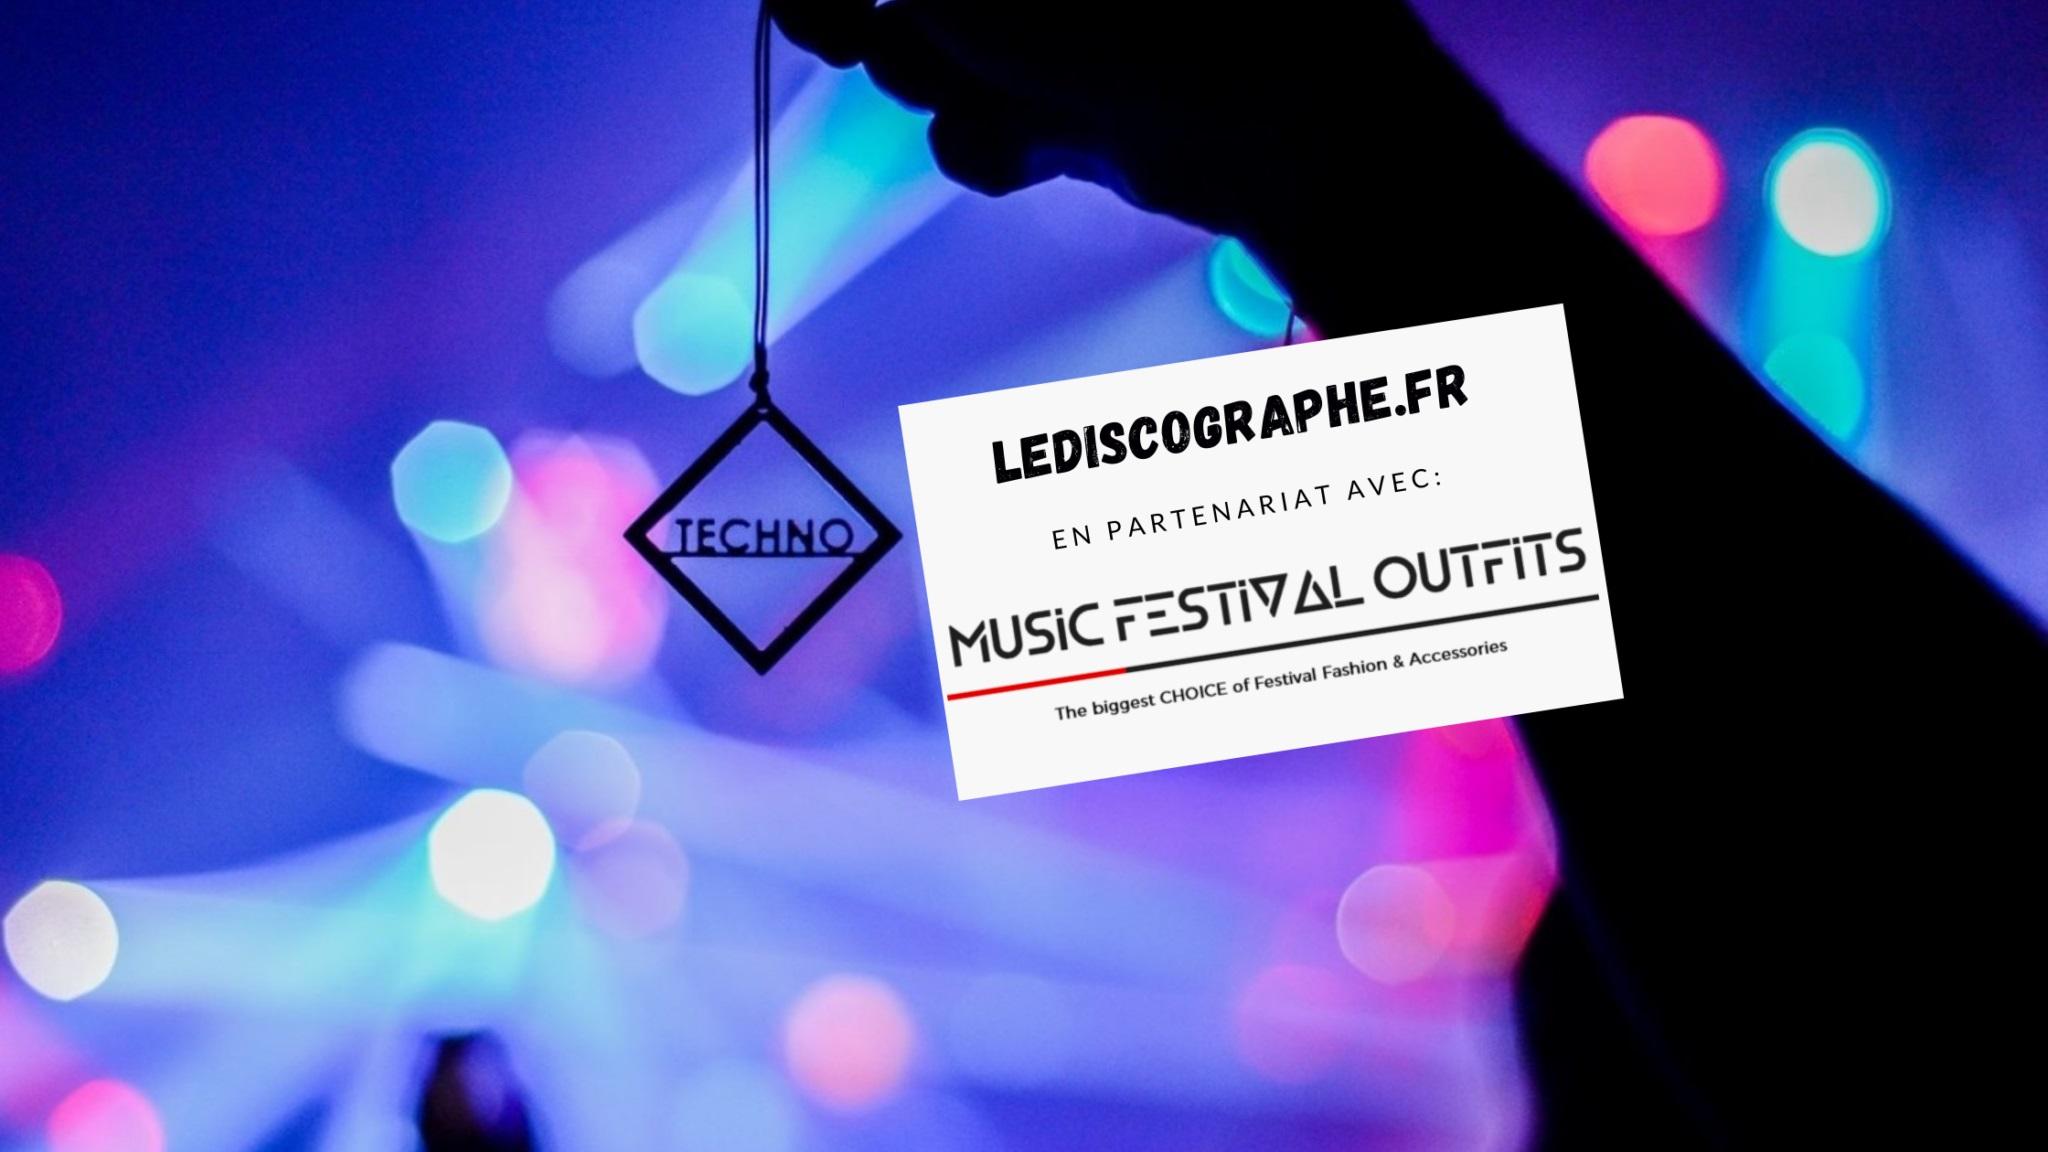 En partenariat avec Music Festival outfits : 50 Tracks Techno cultes pour ta collection de disques